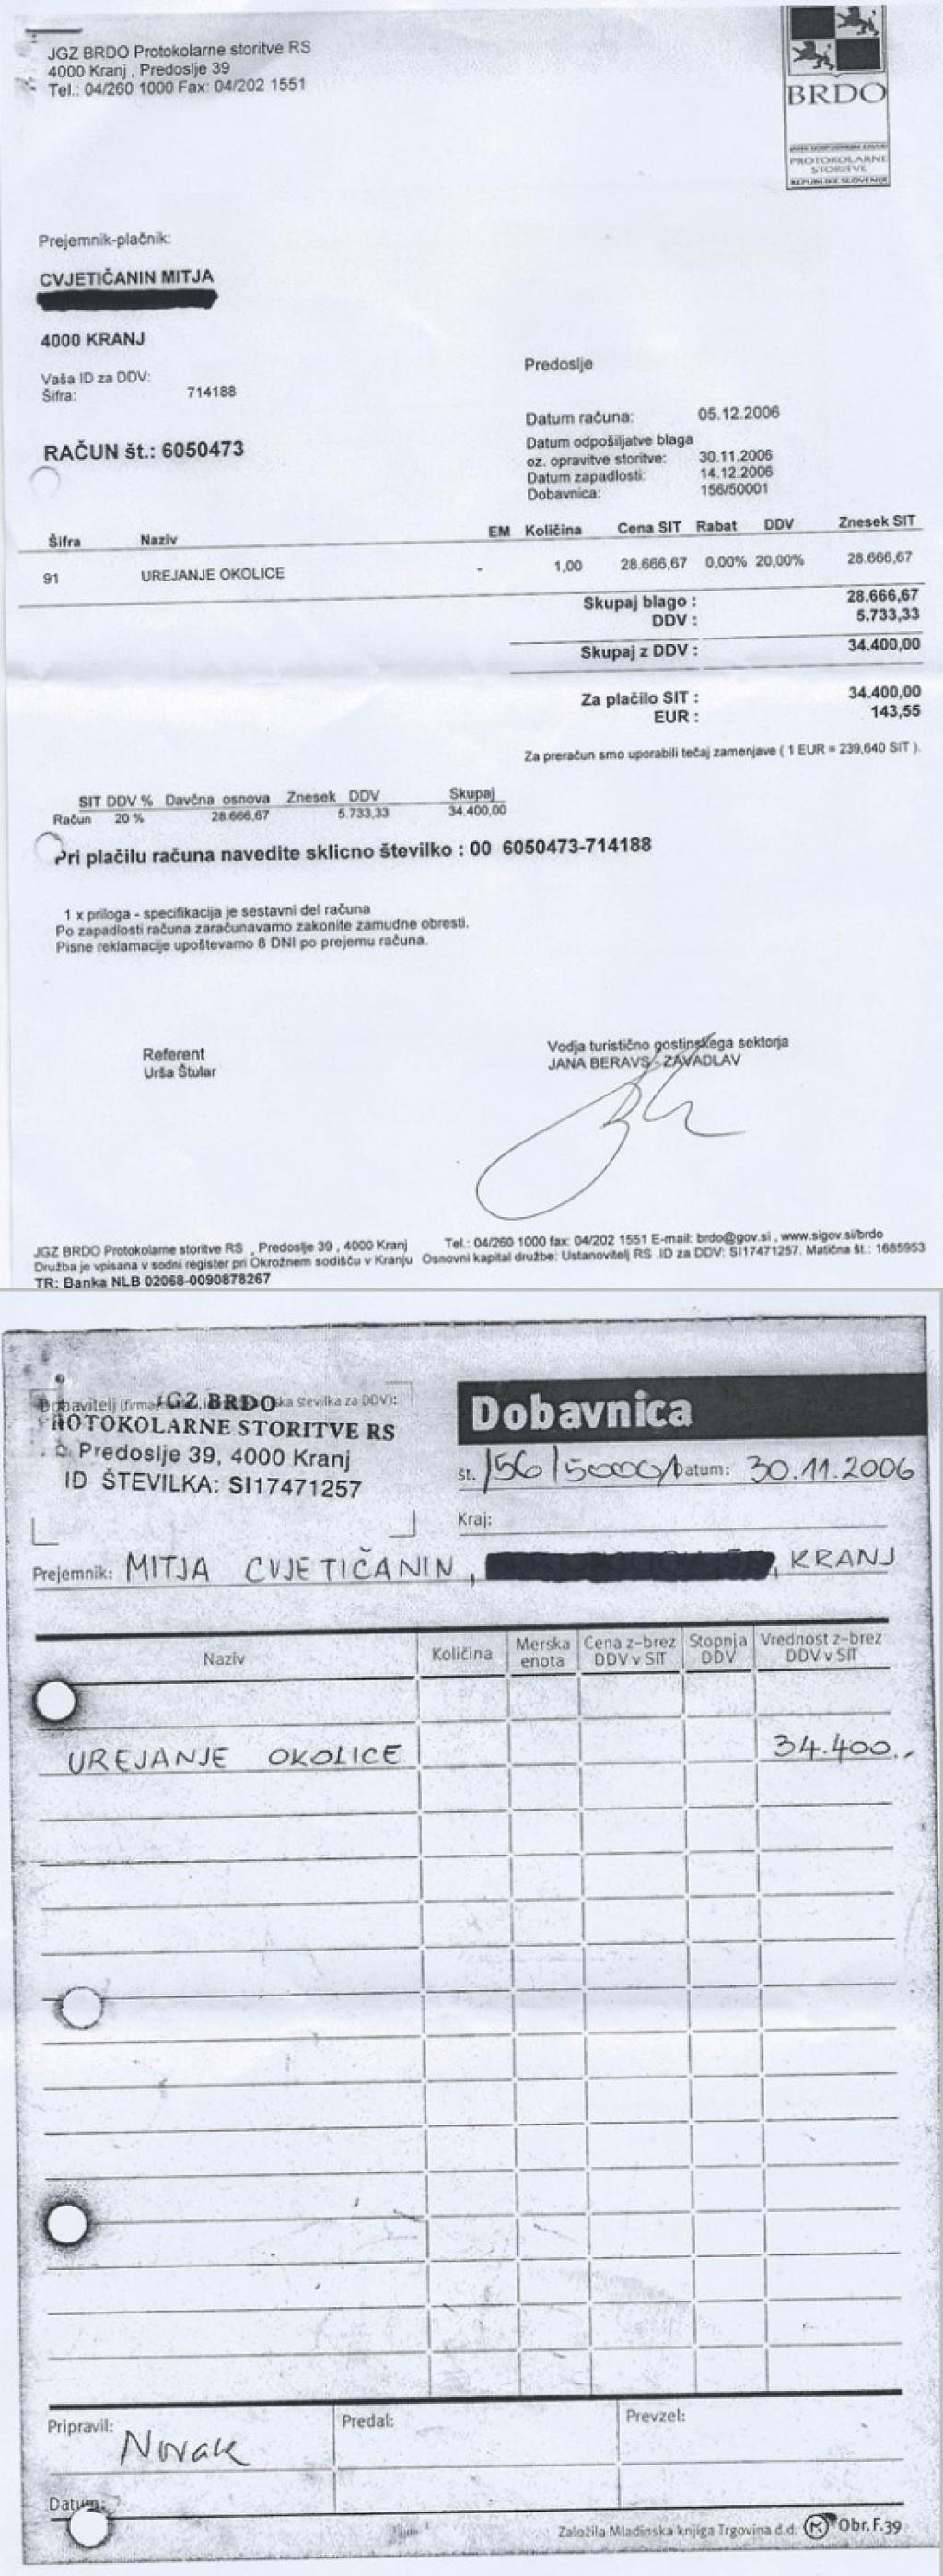 Račun številka 6050473, s priloženo dobavnico, izdan decembra 2006.<br>